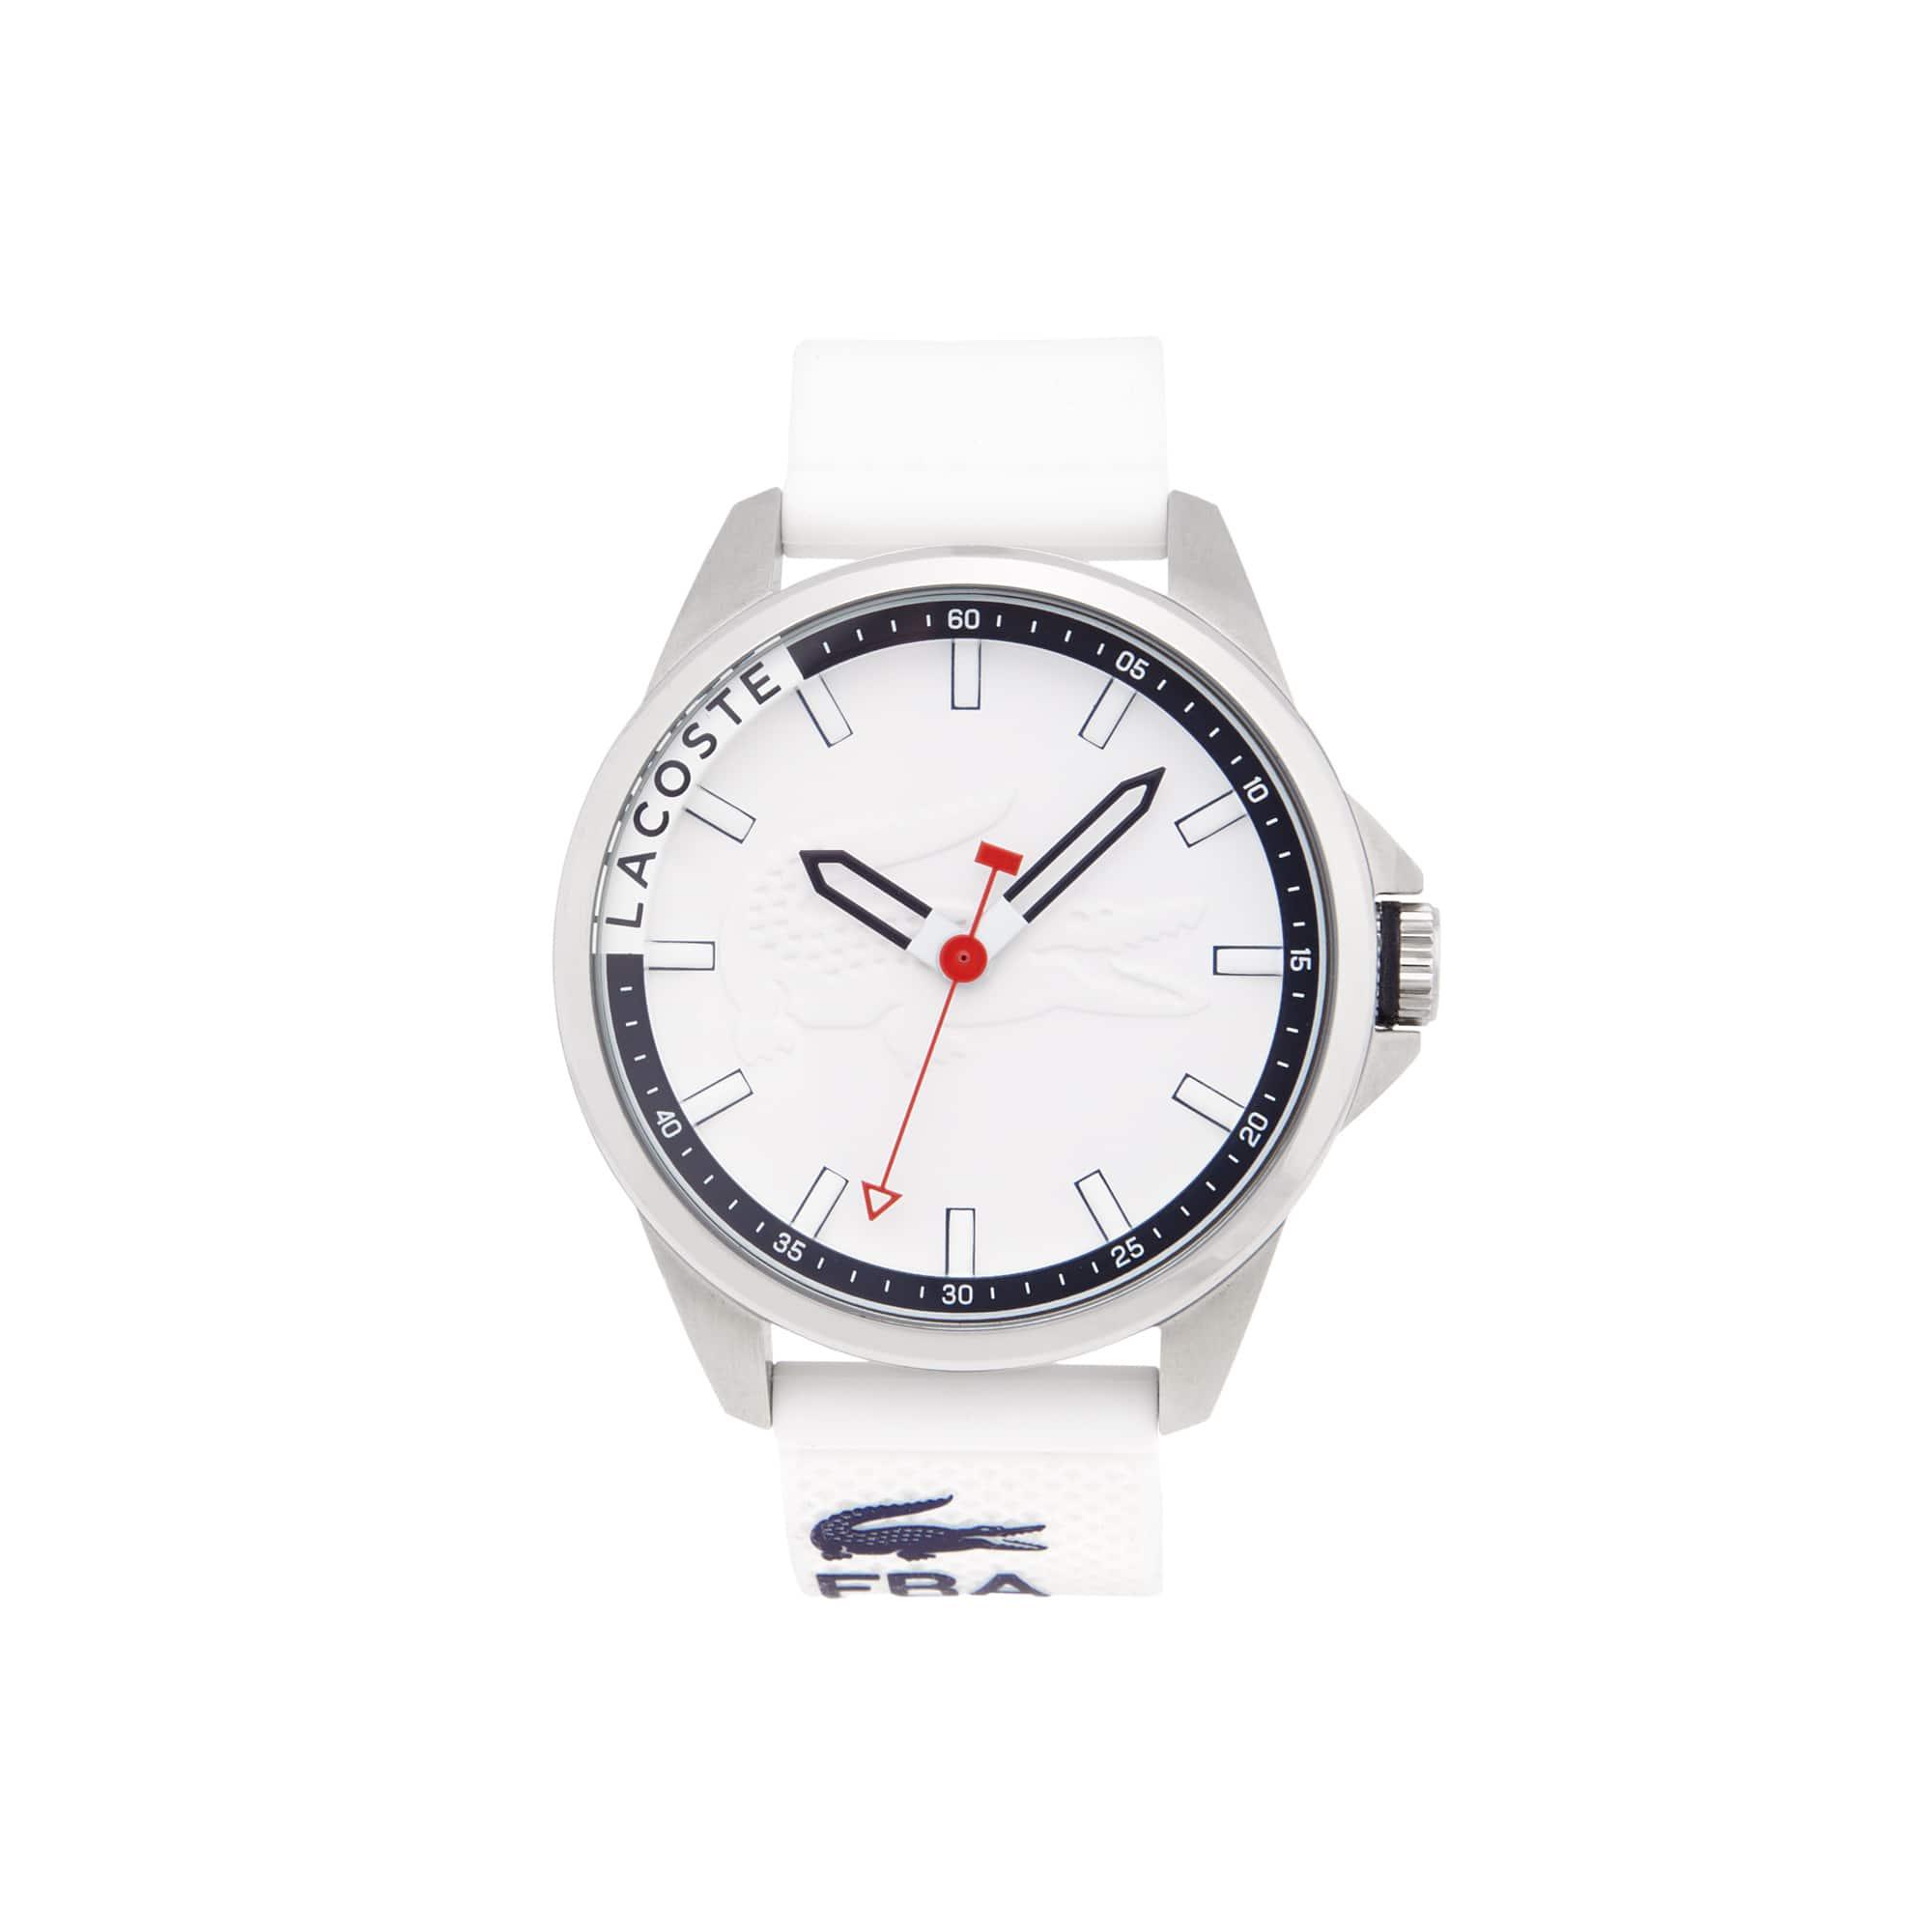 Relógio Capbreton Homem com Bracelete em Silicone Branco